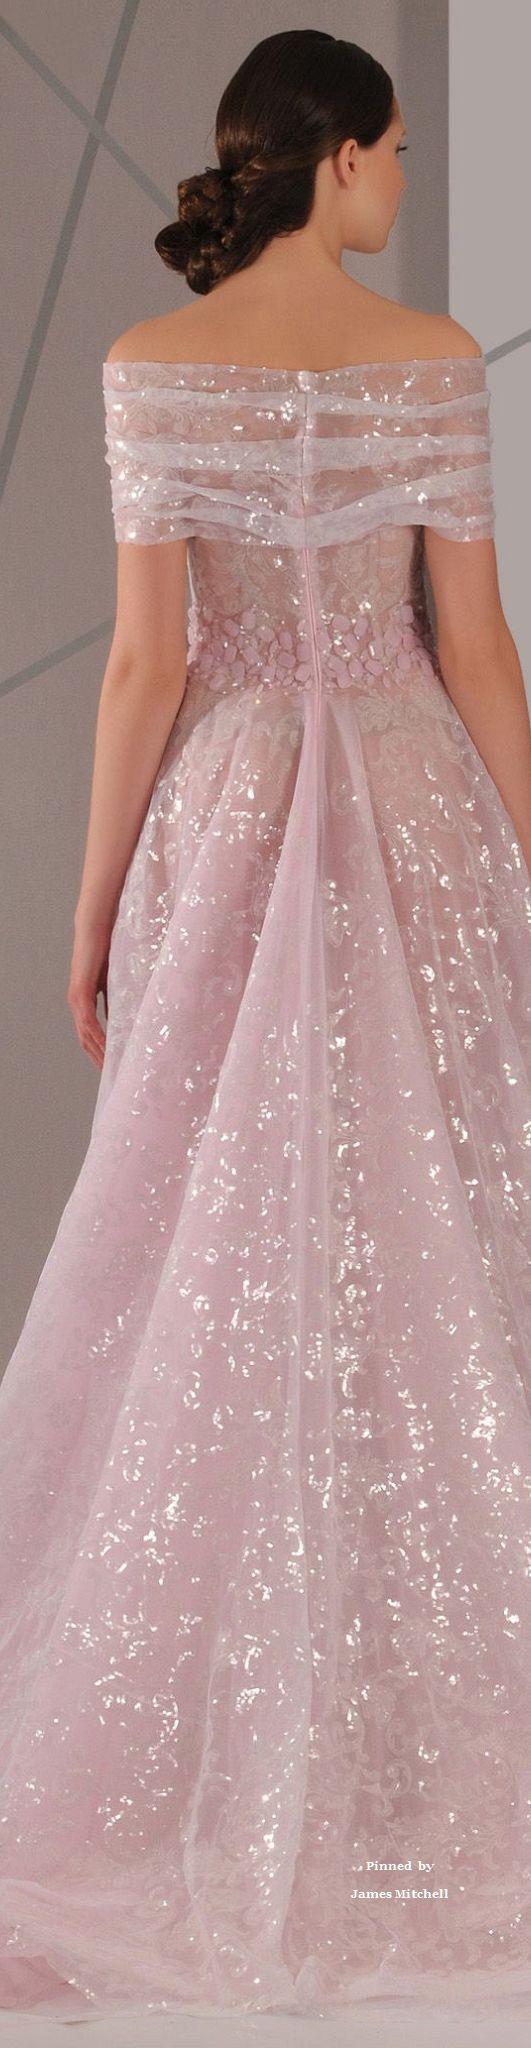 Antonios Couture Spring-summer 2016